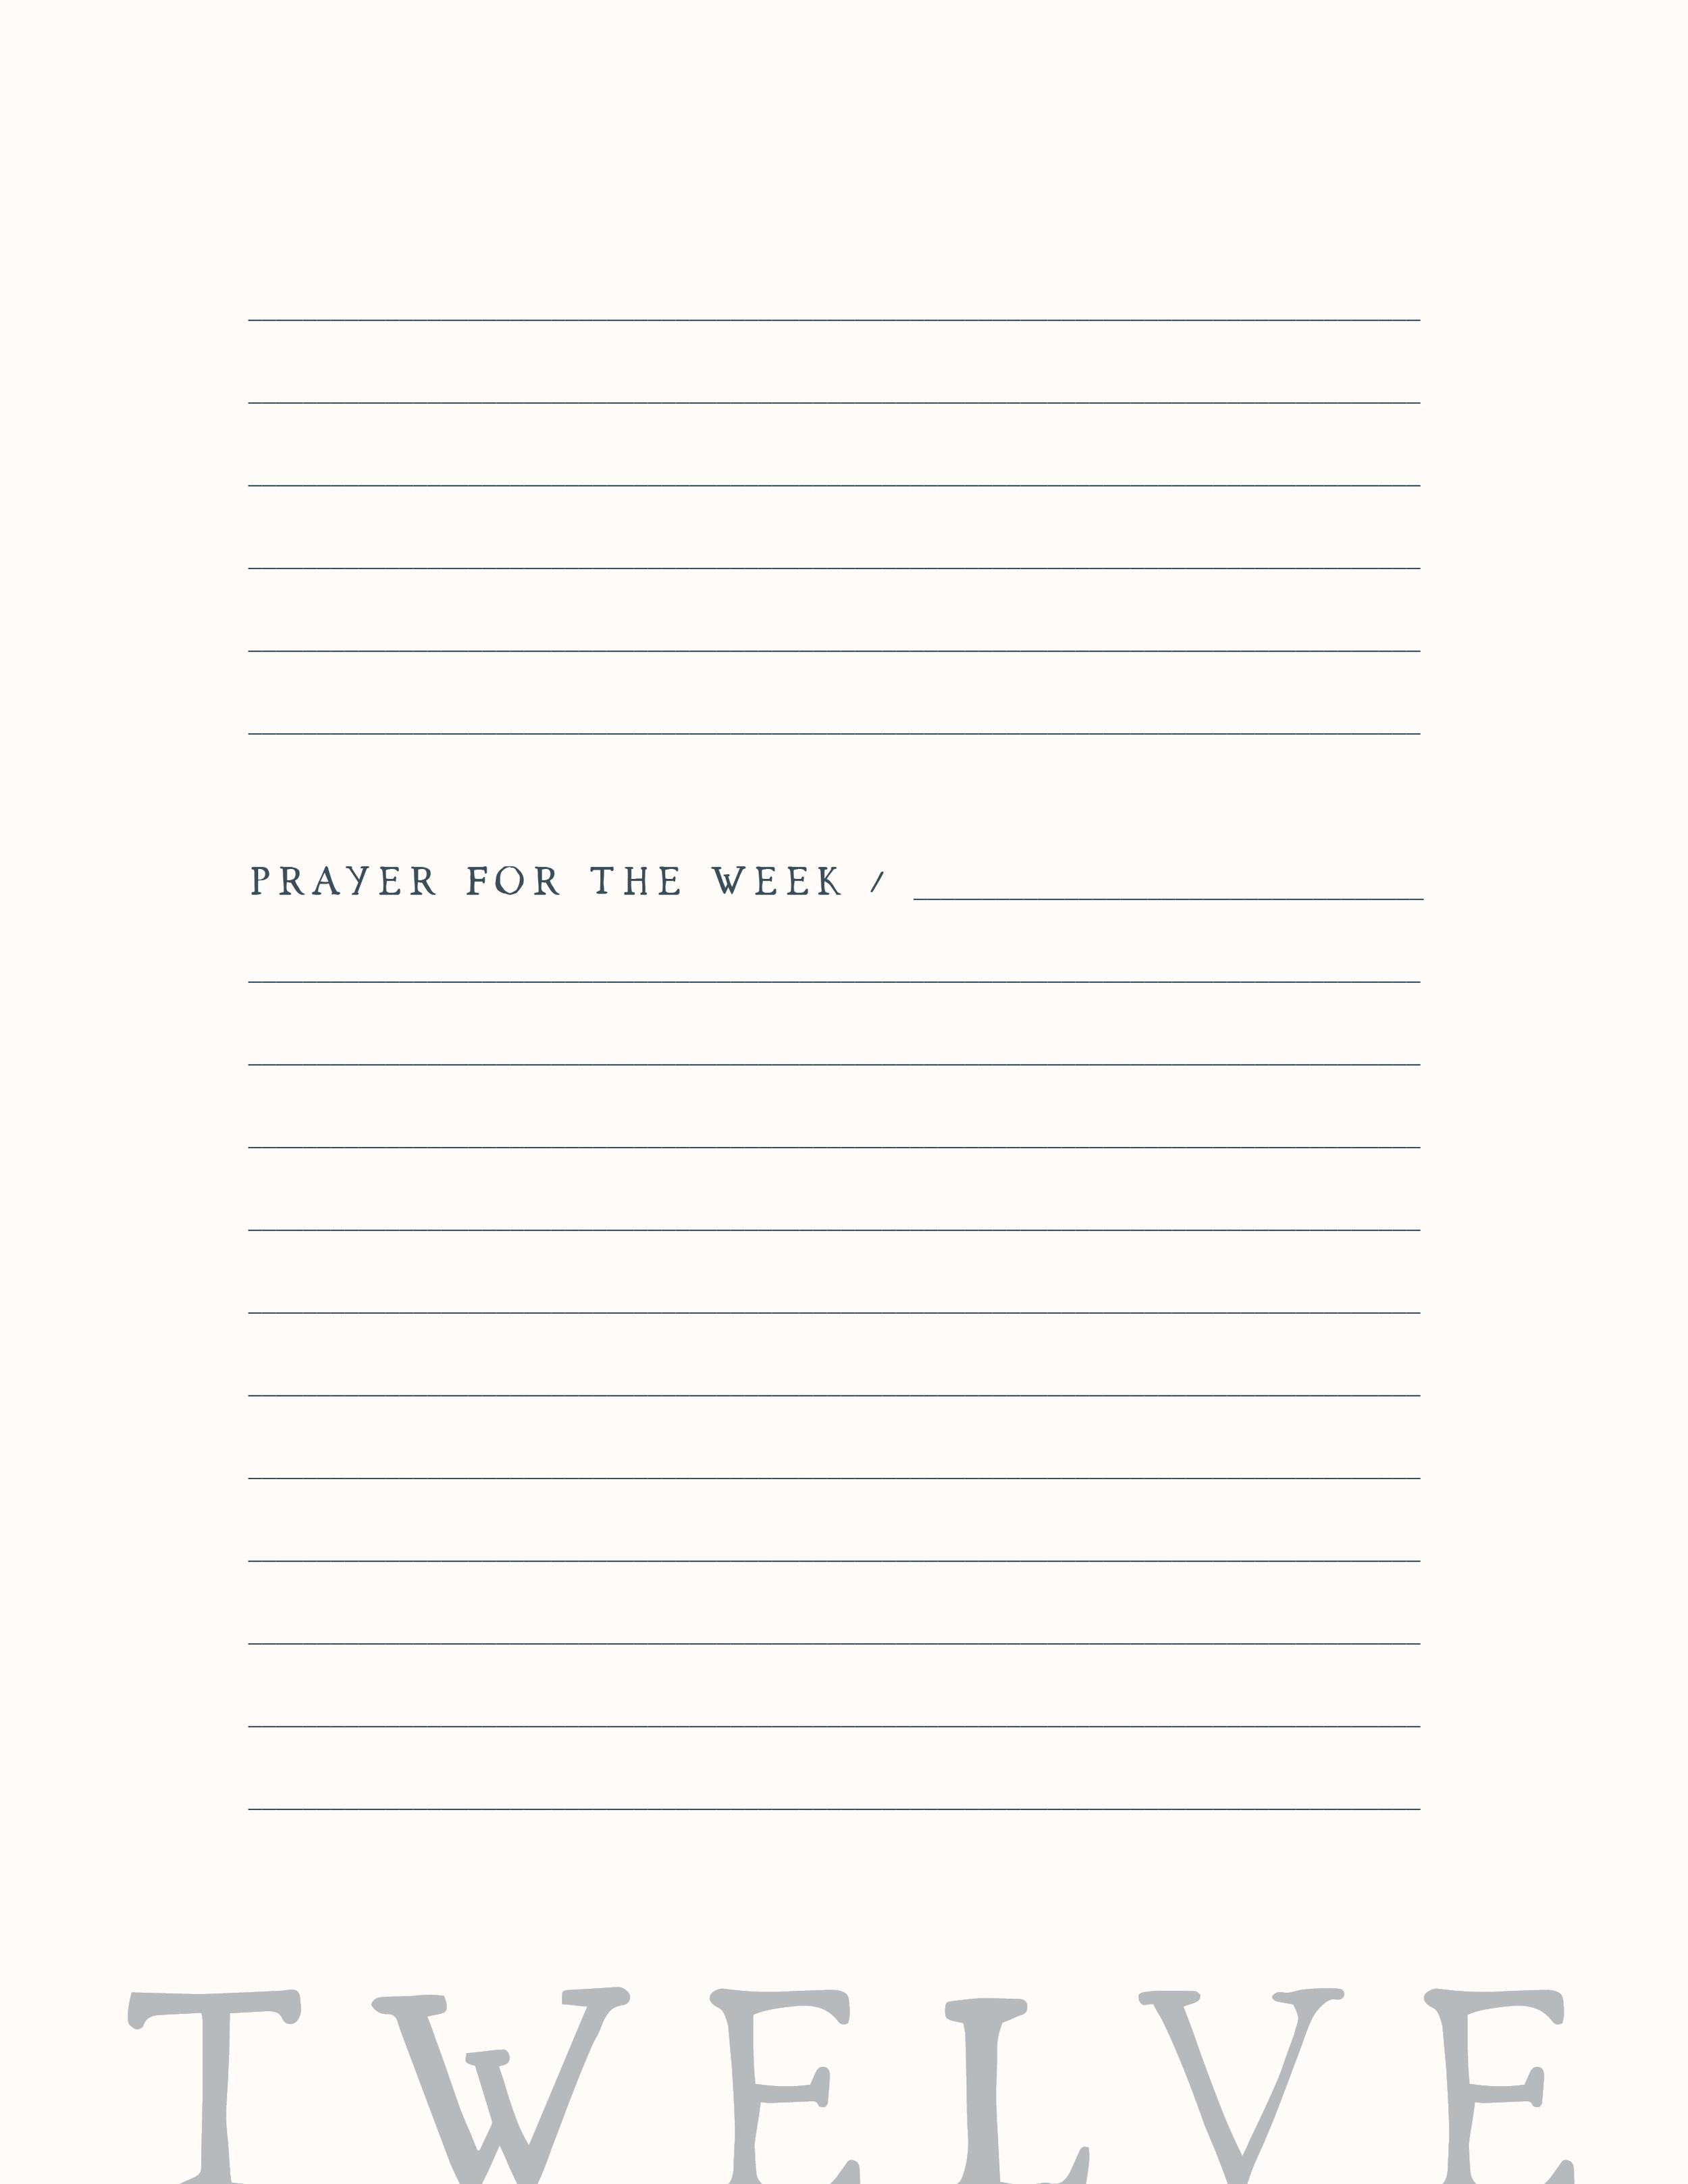 week122.png